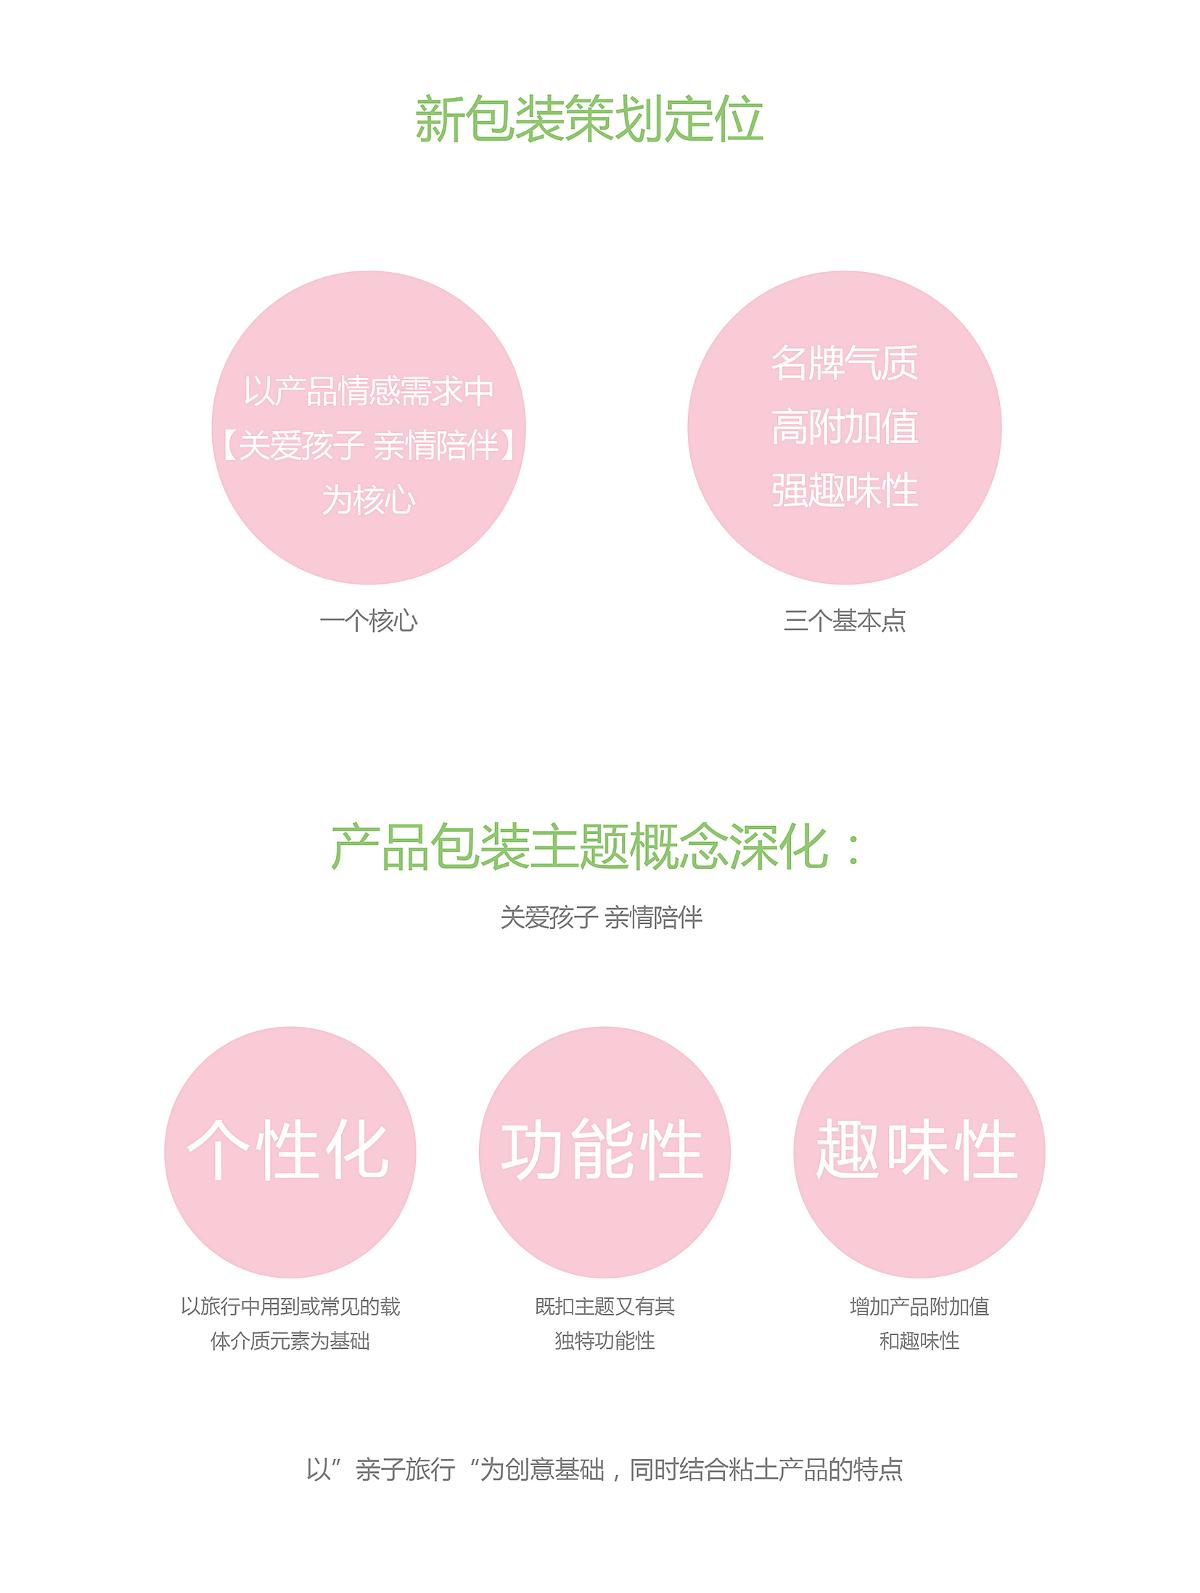 郑州本质品牌案例 ‖ 【罗斐】超轻黏土包装及形象策略案例